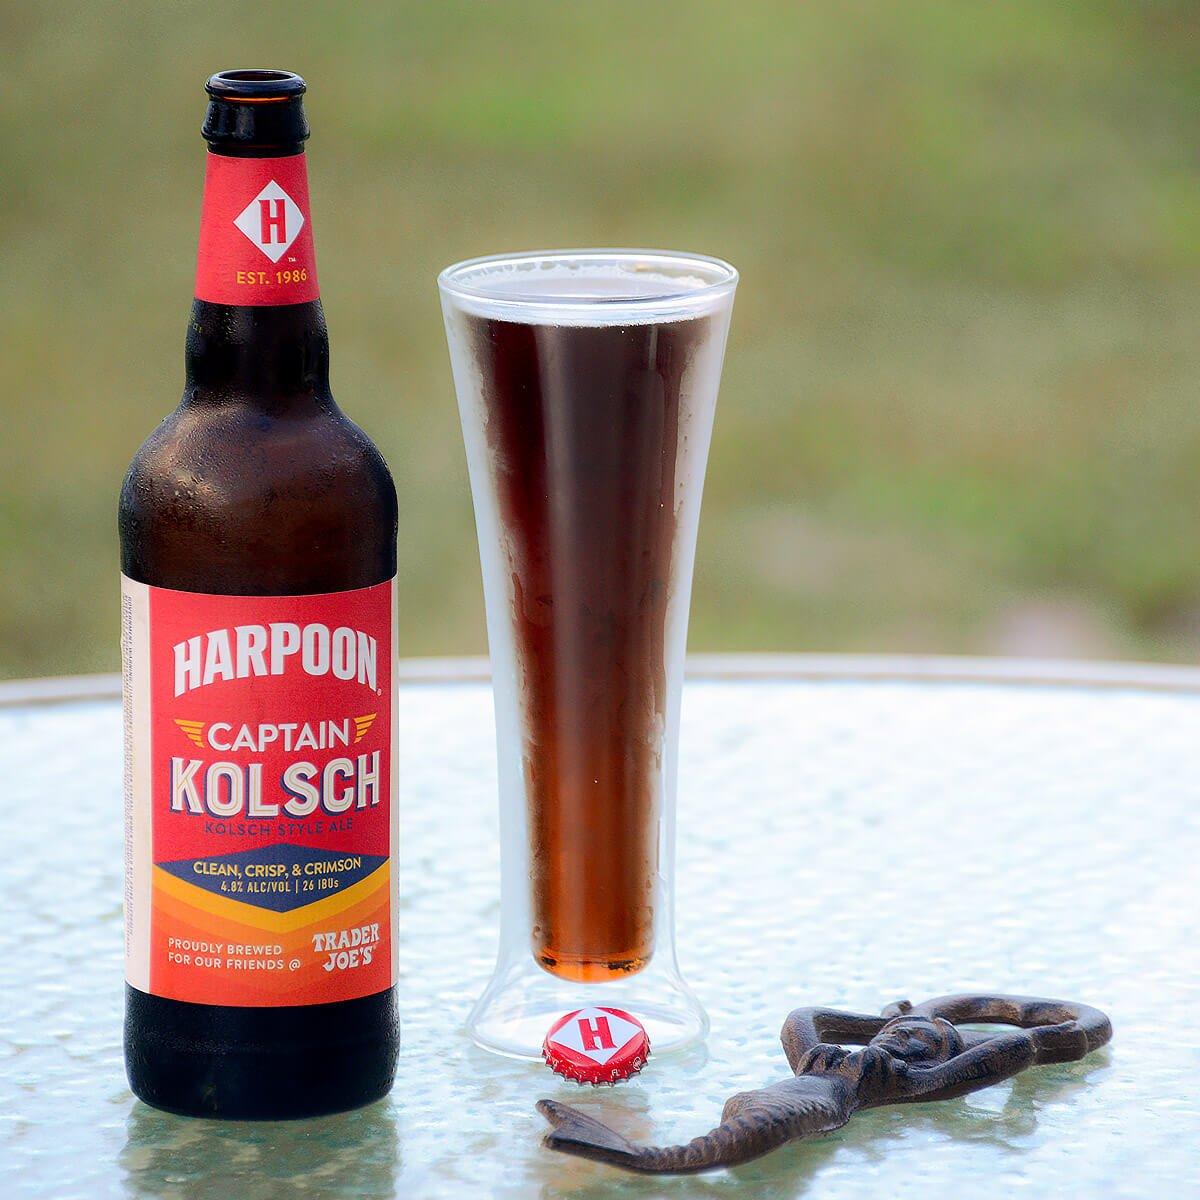 Captain Kölsch, a German-style Kölsch by Harpoon Brewery